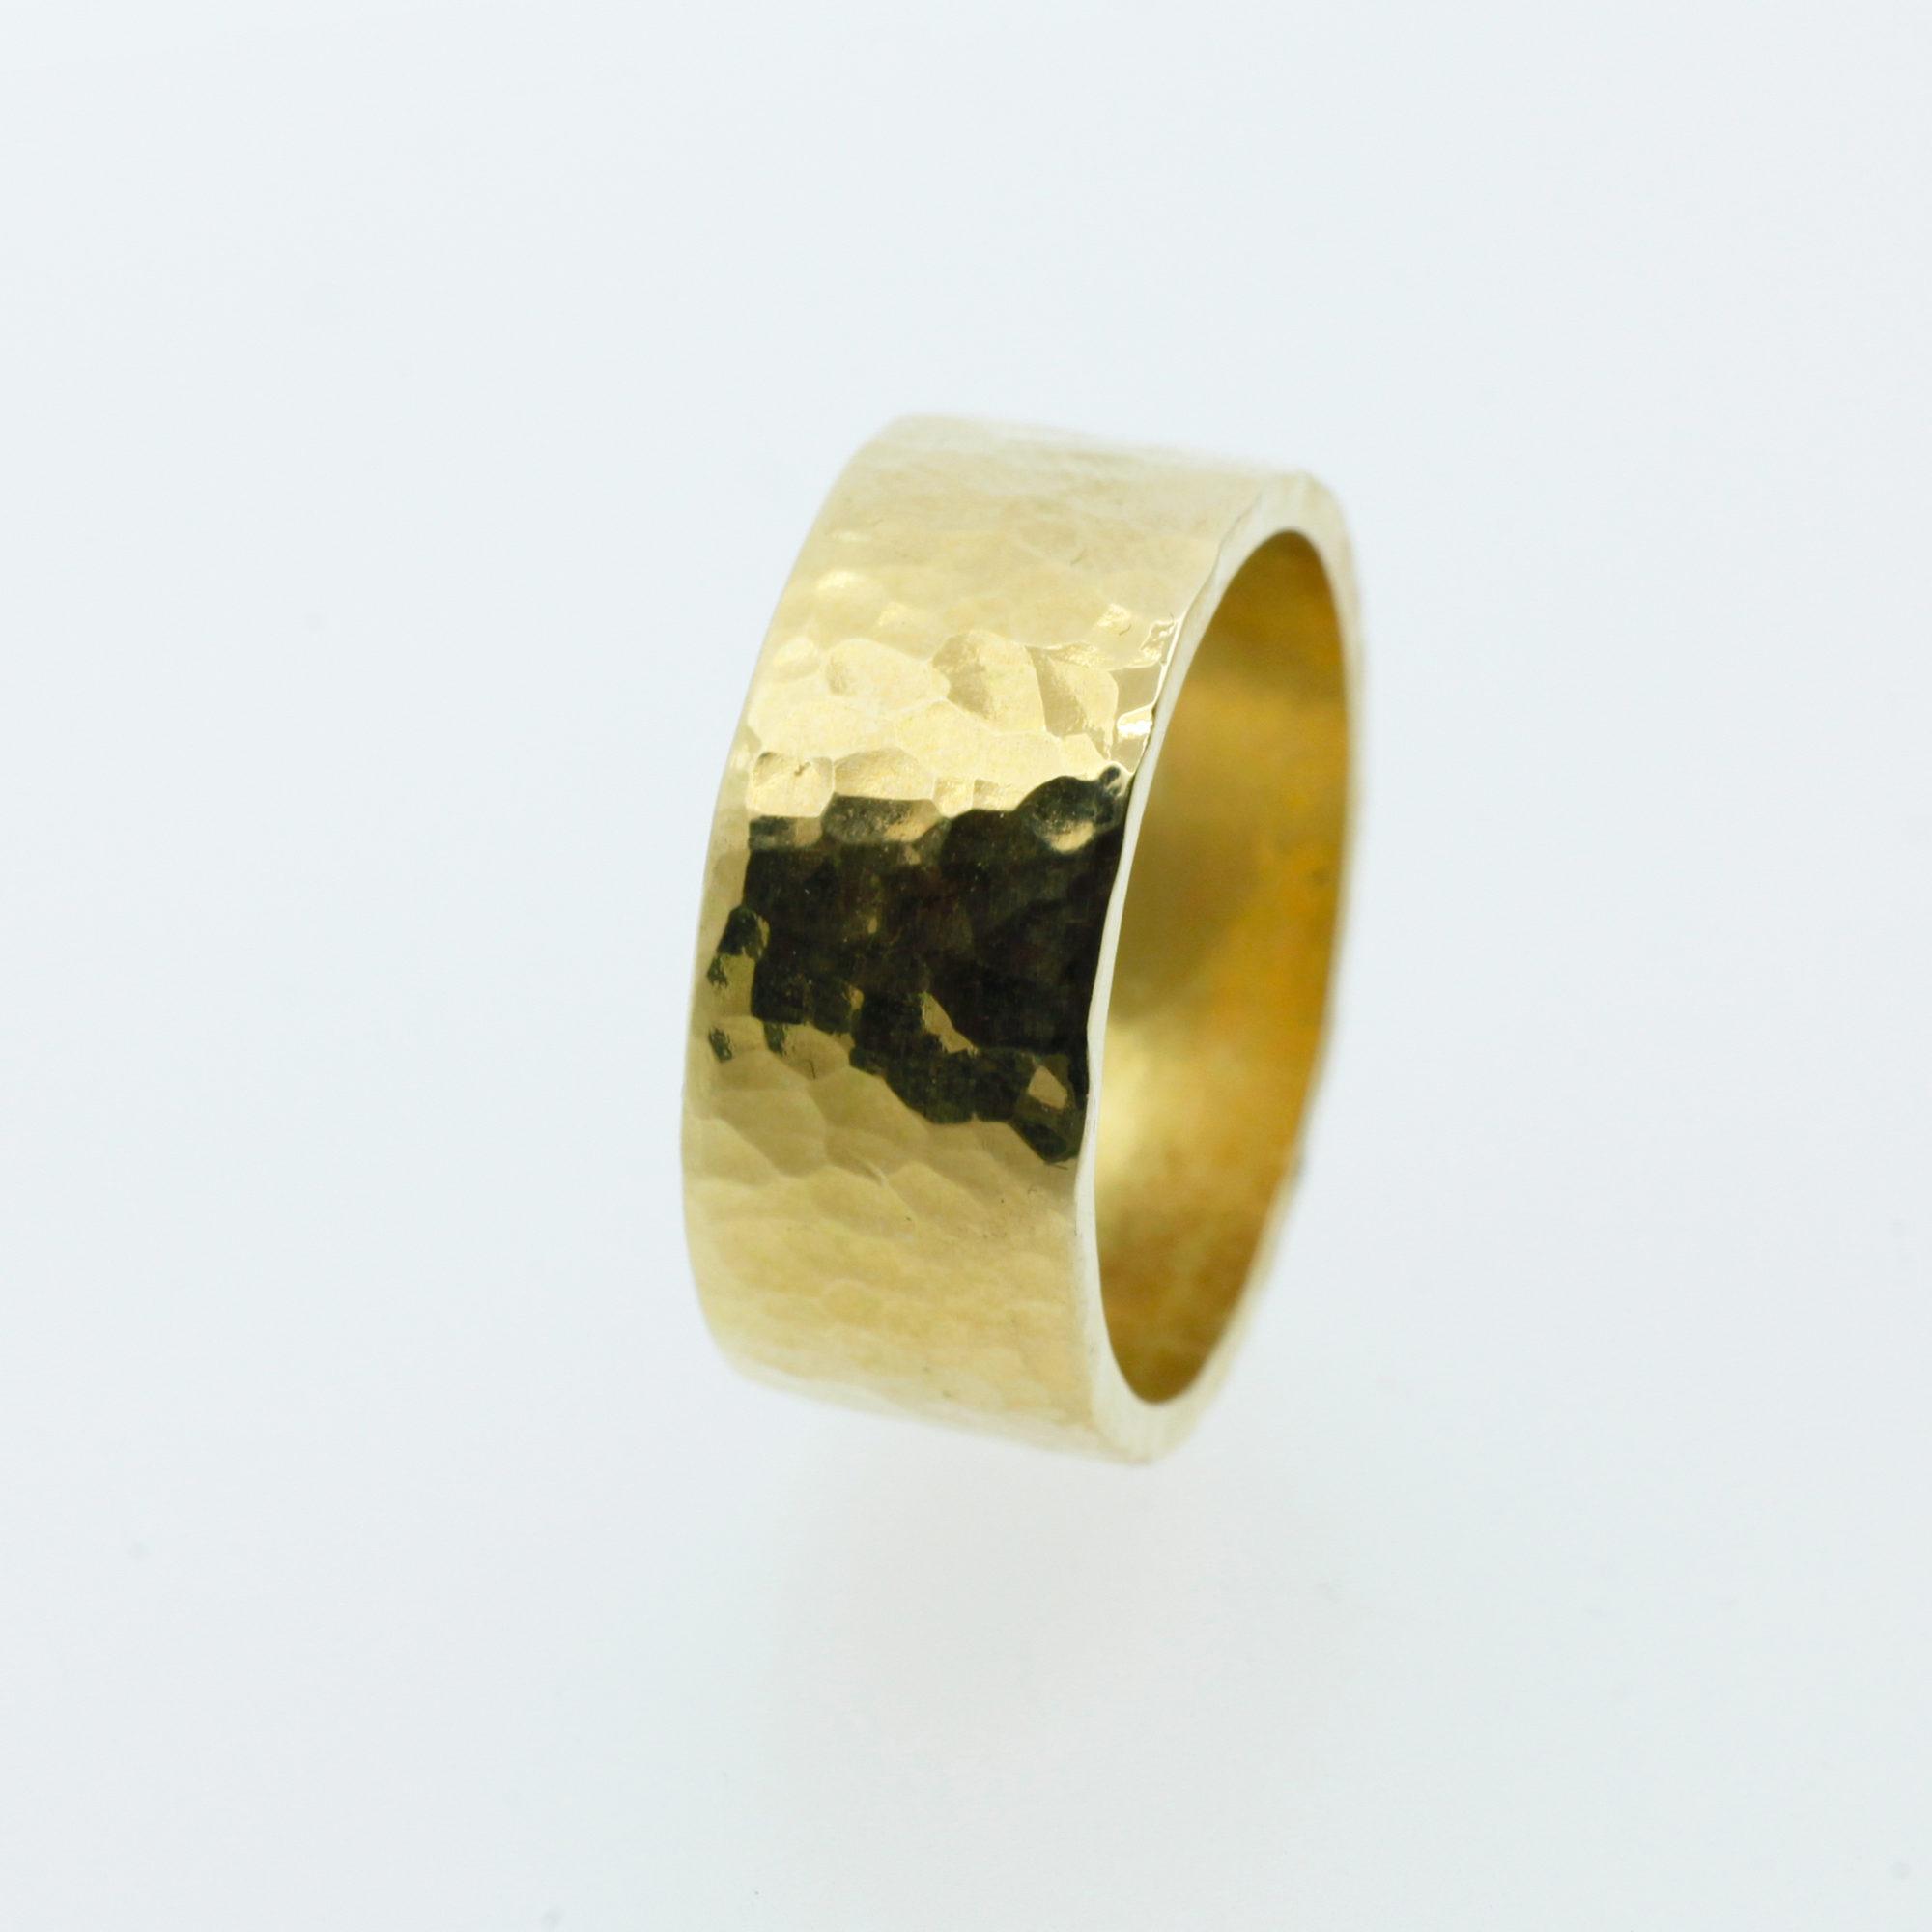 brede ring bolhamer goud